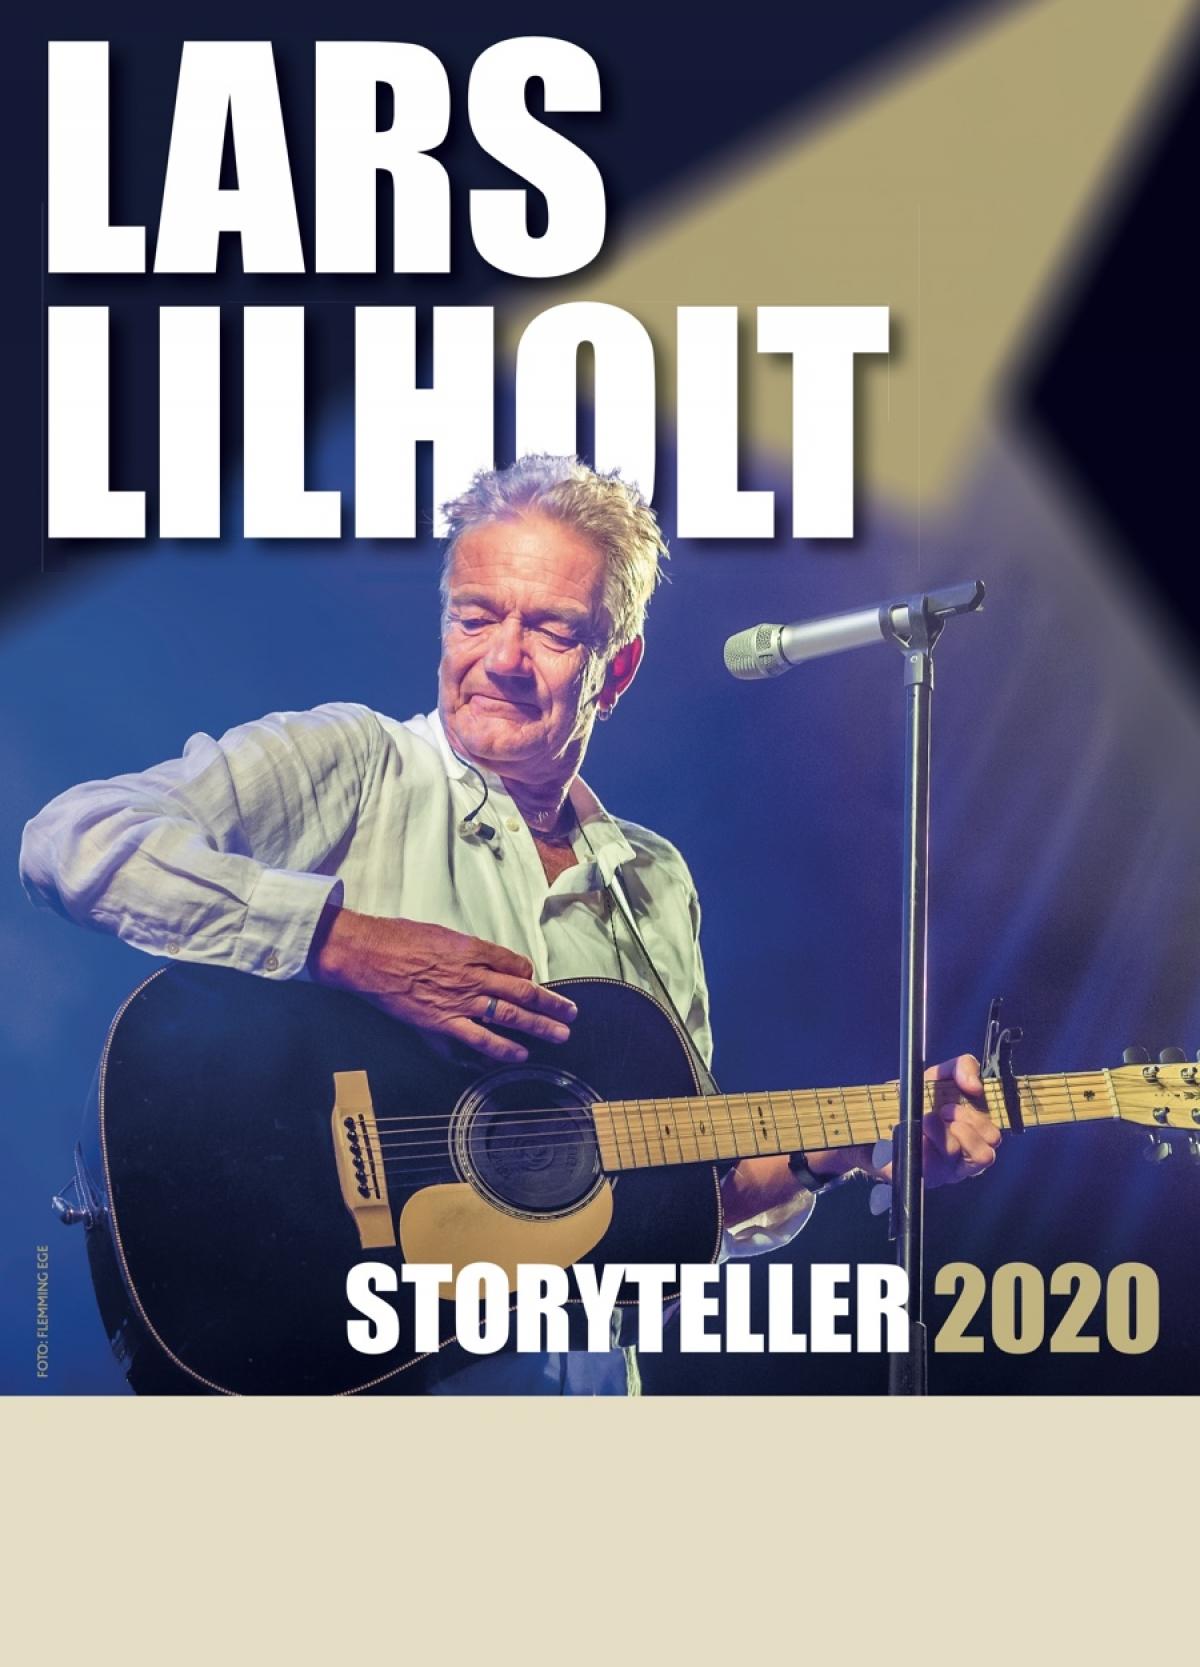 Lars Lilholt - Storyteller 2020